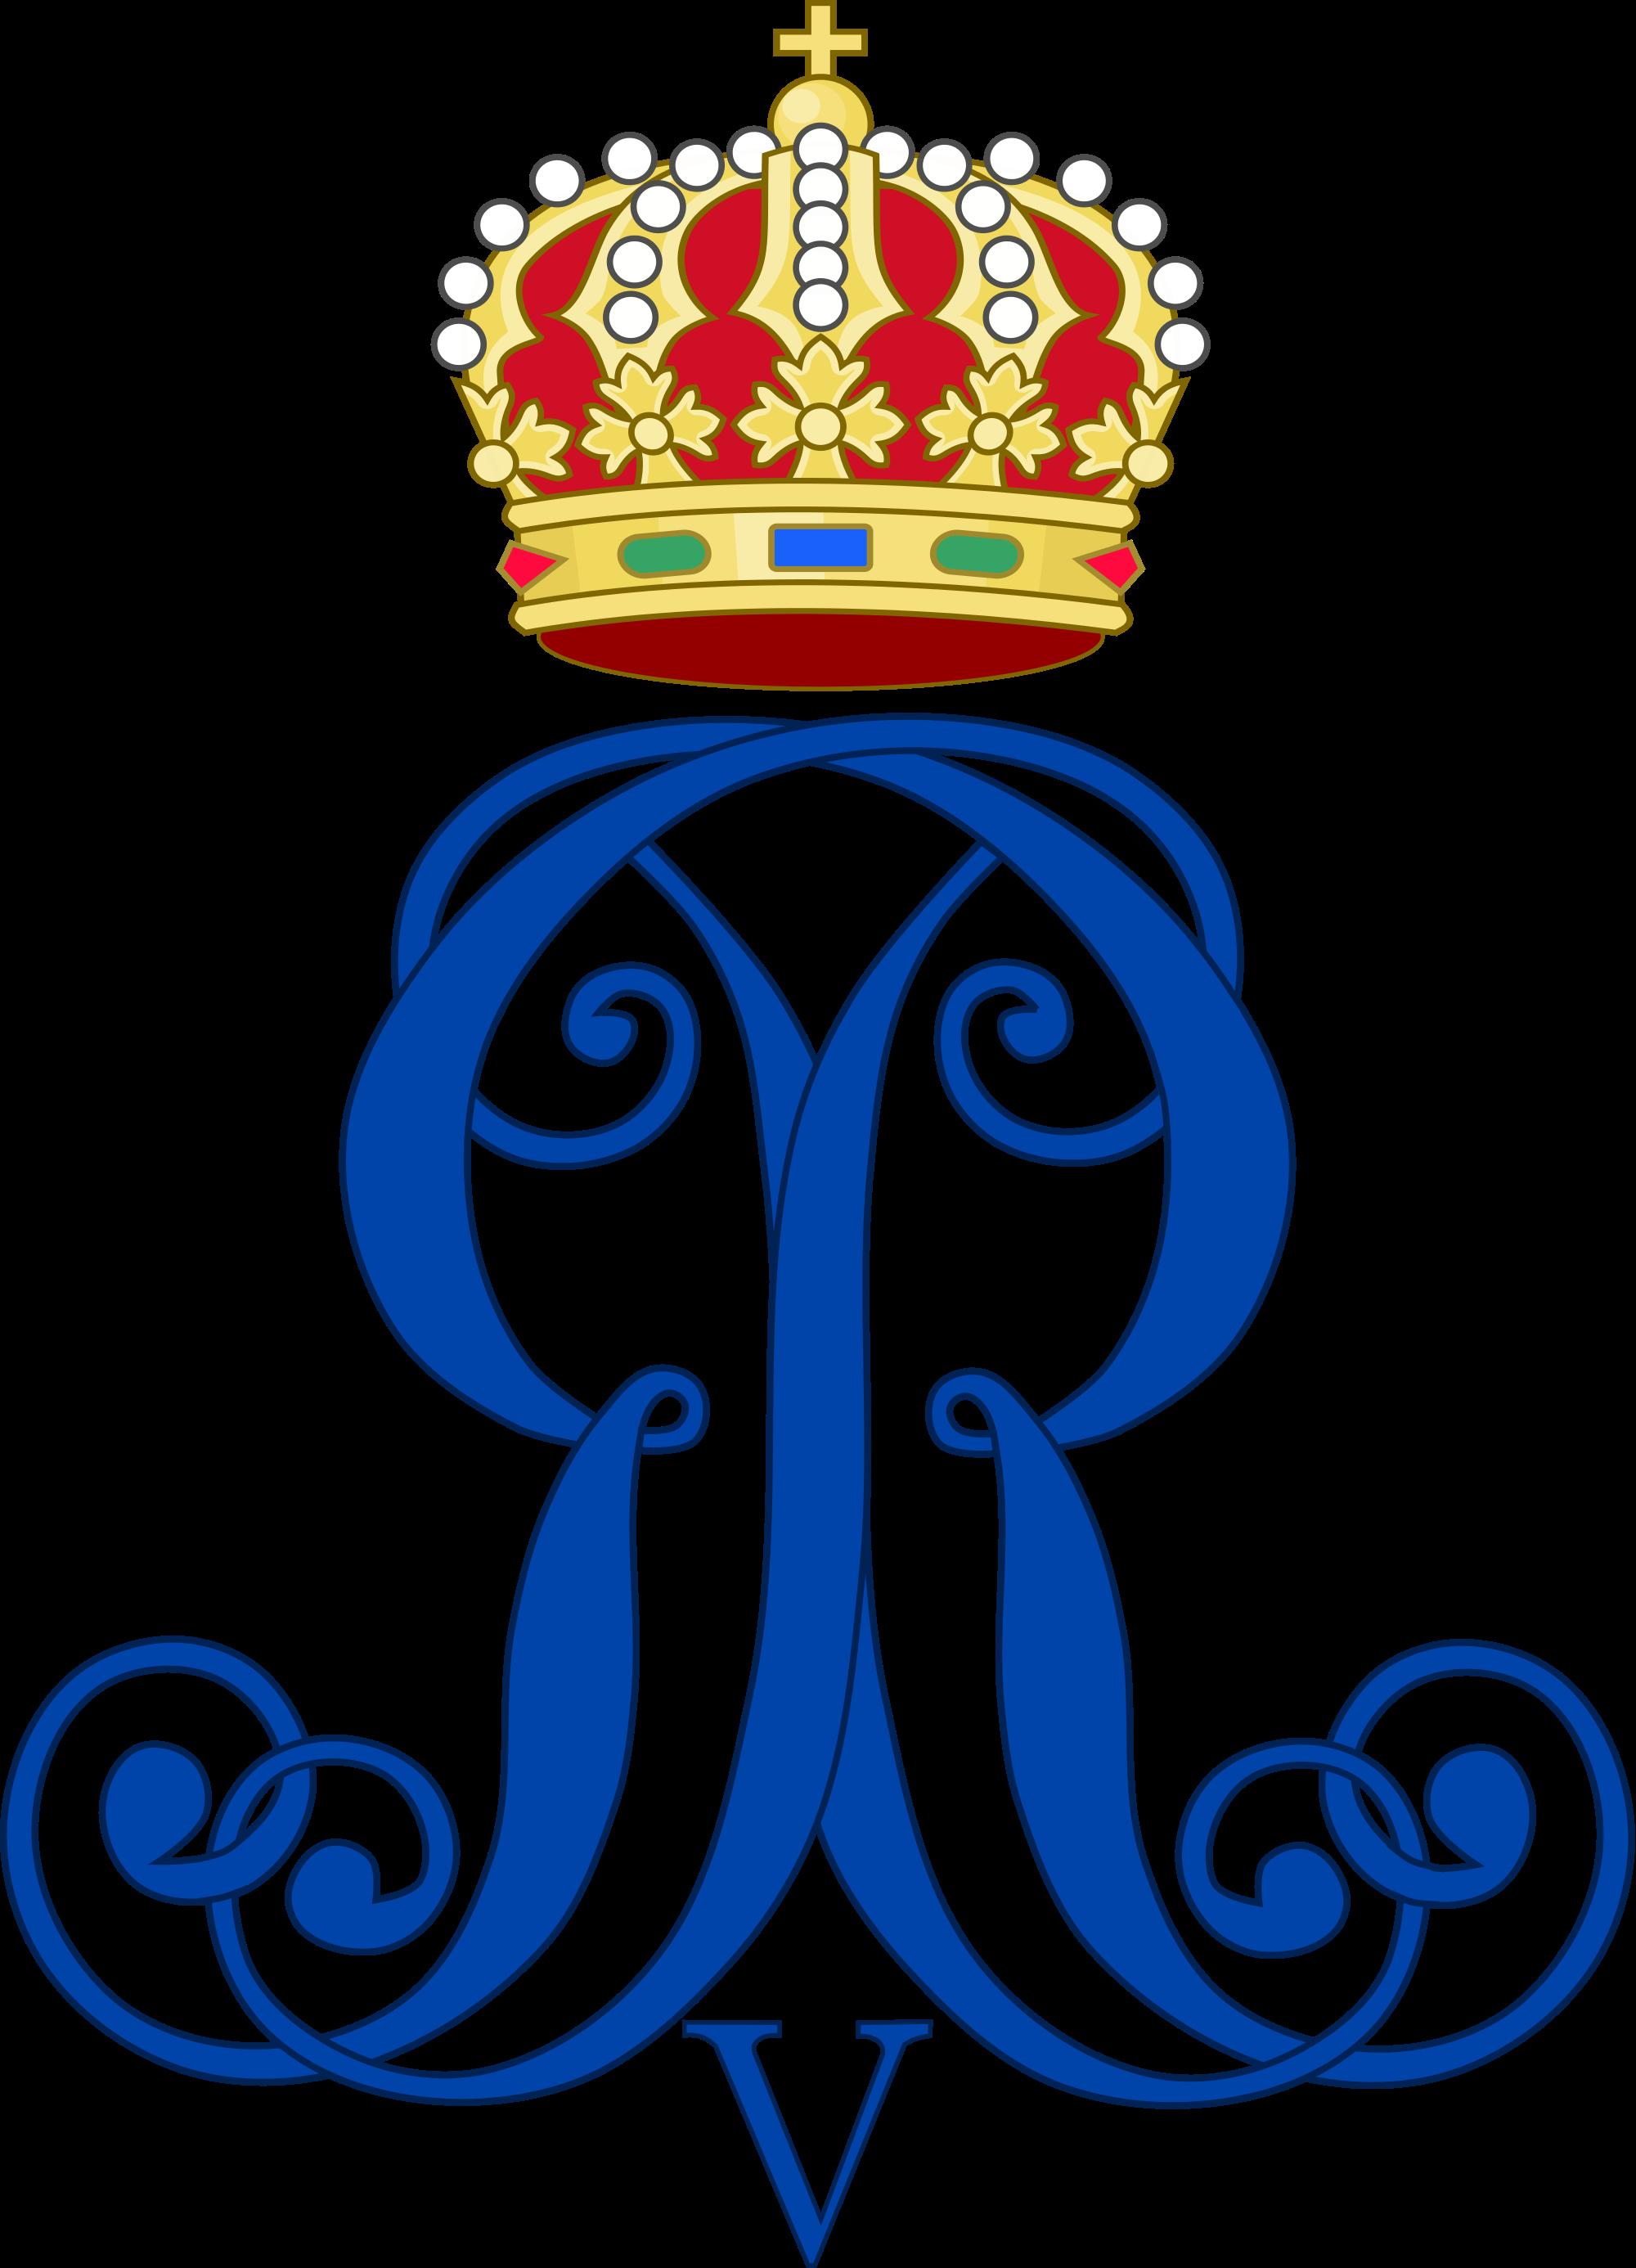 File:Royal Monogram of King George V of Hanover.svg.